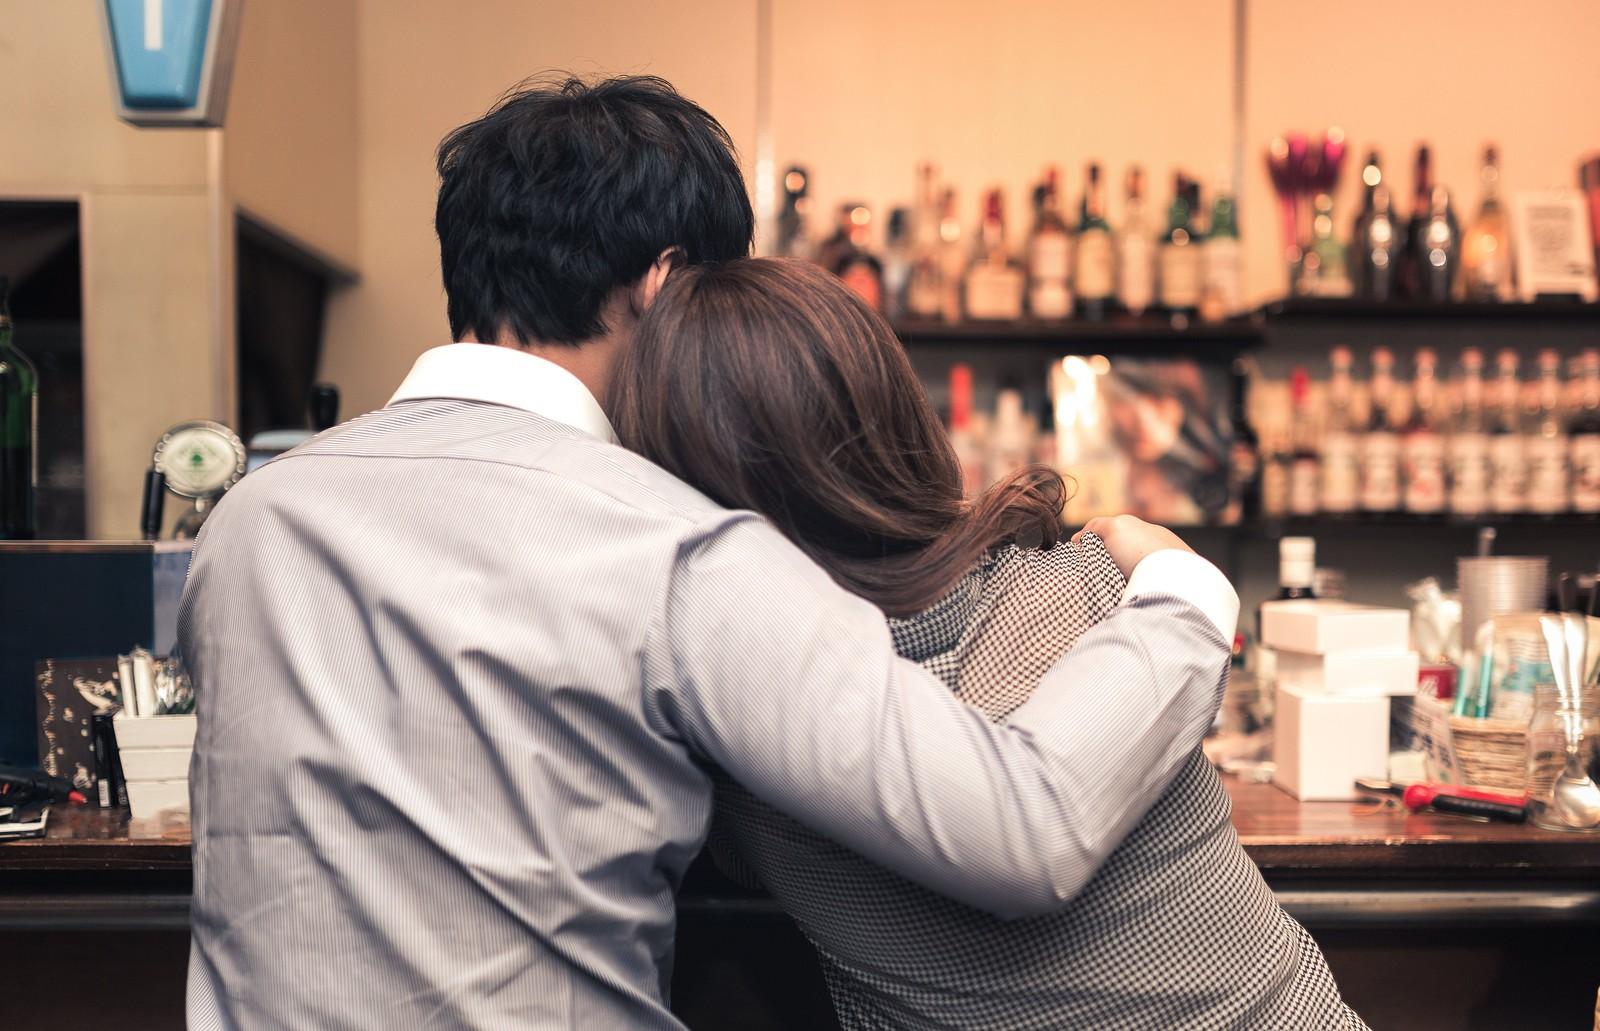 既婚を隠す嘘つき男の特徴とは?既婚者の見分け方6つ